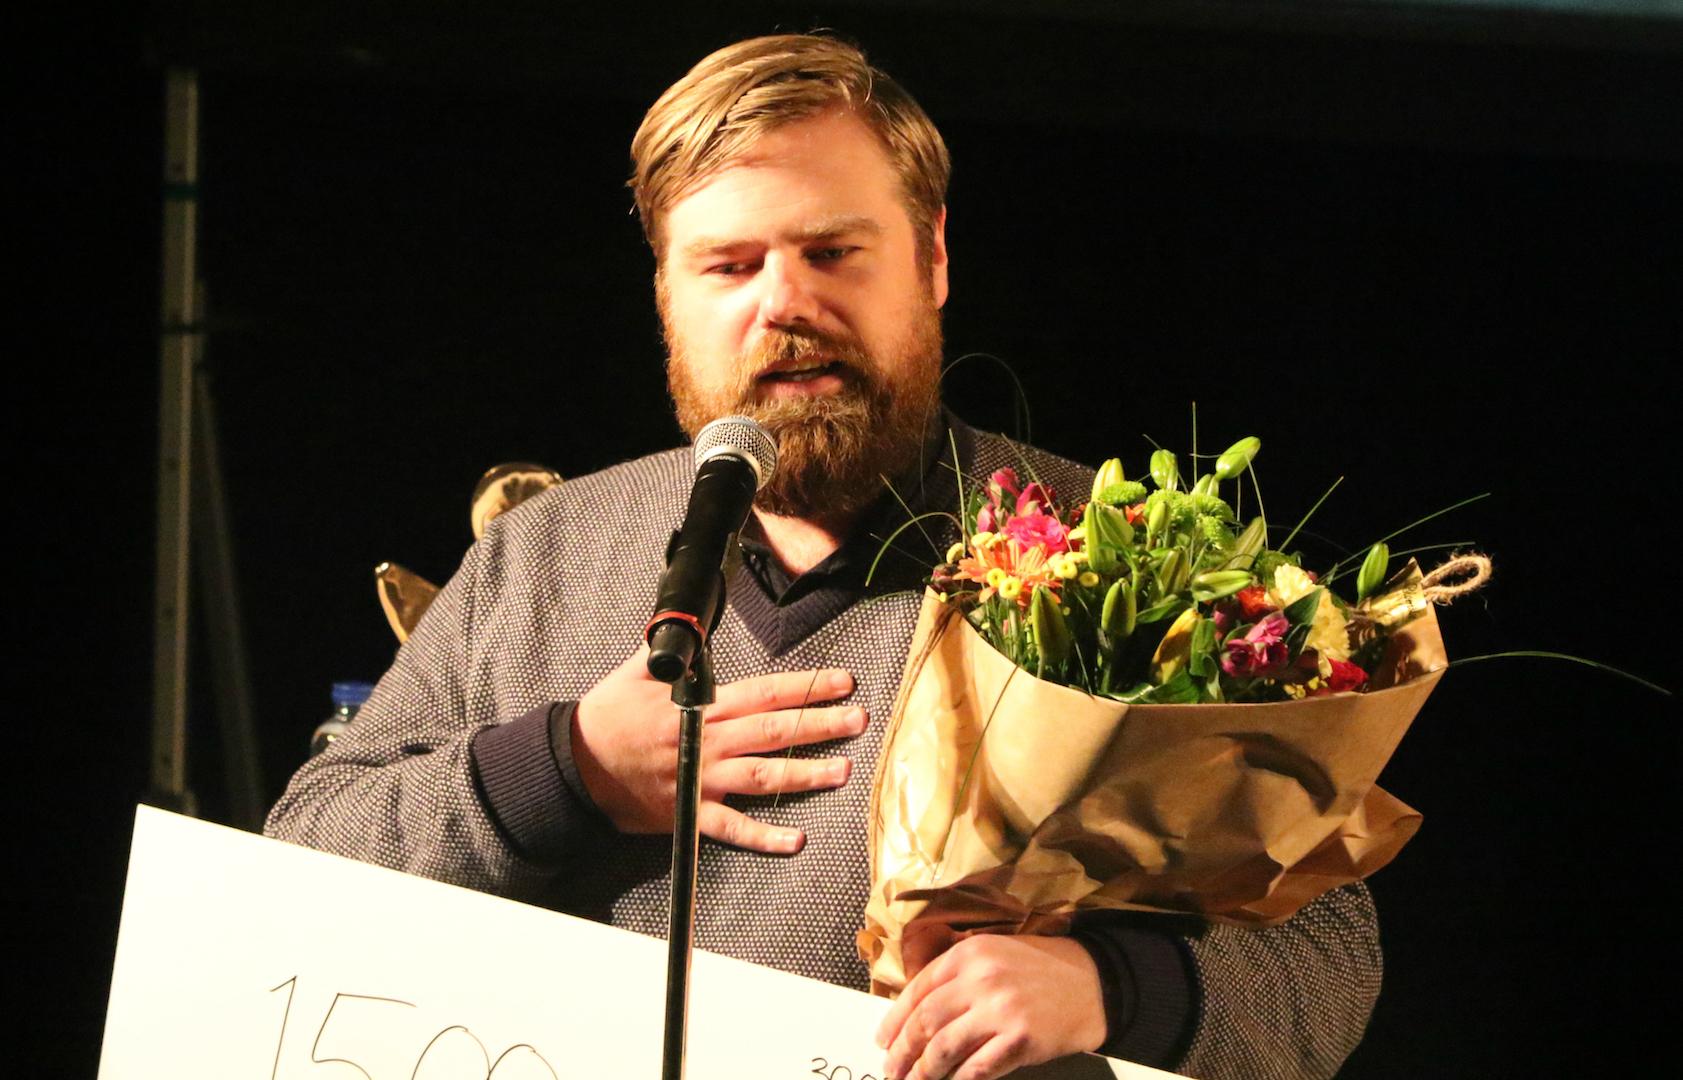 Allan Gravgaard Madsen modtager Særprisen på vegne af hele holdet bag Den Korte Radioavis. Fotograf: Per Ryolf